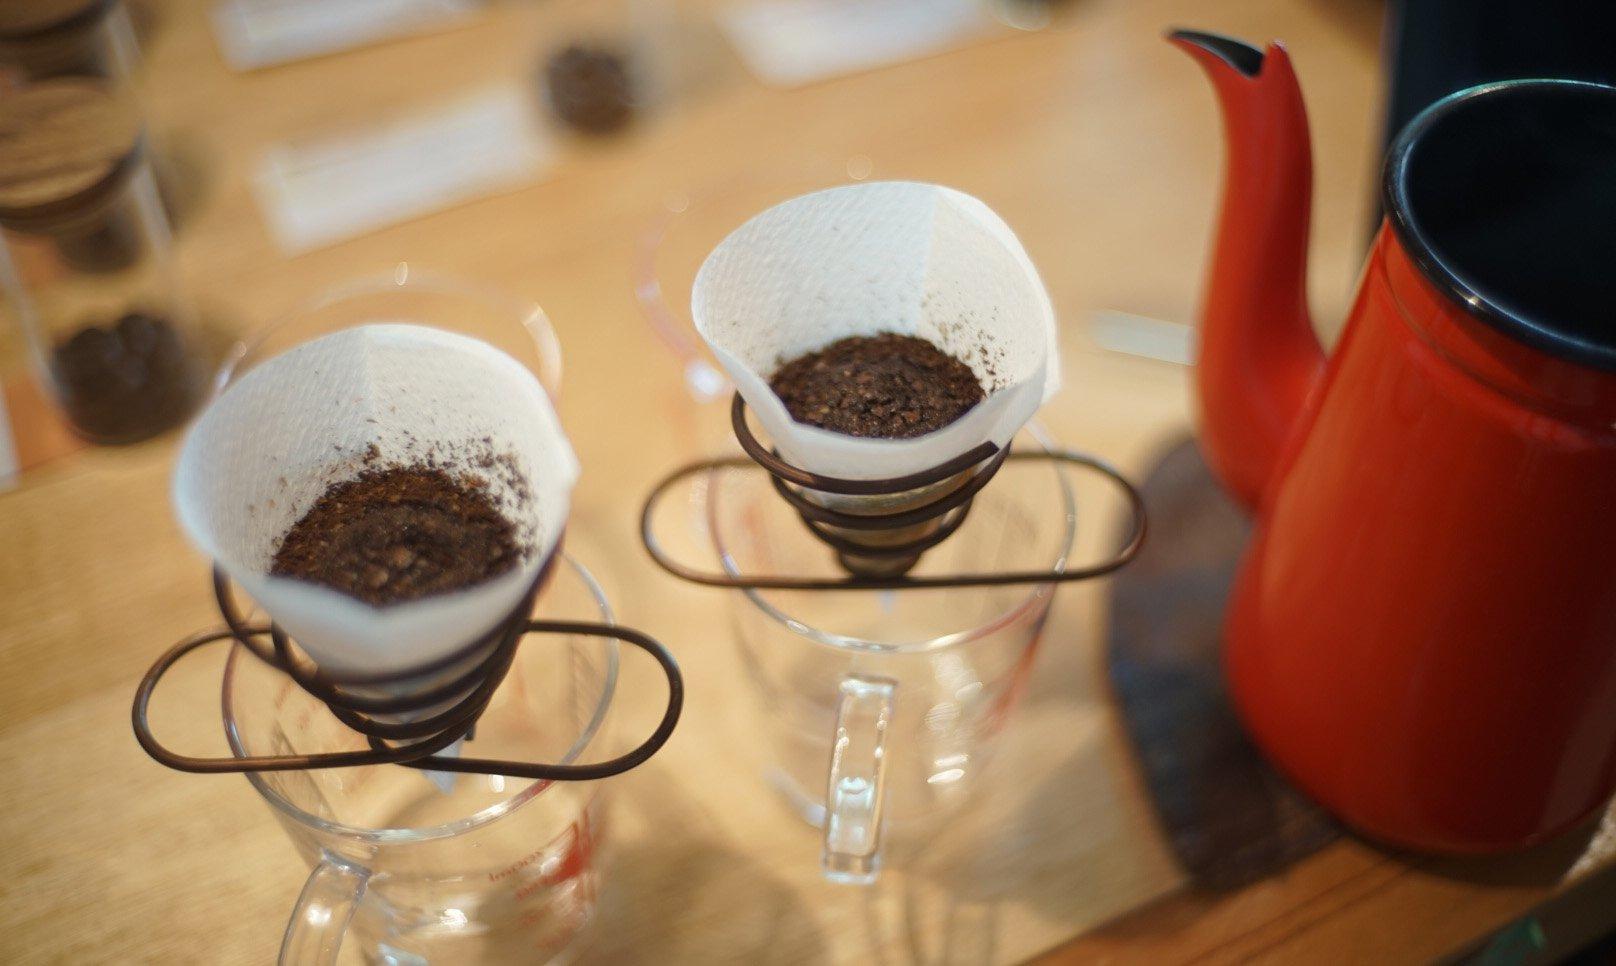 玉城自家烘焙咖啡-自家烘焙手沖咖啡外帶杯 (熱)